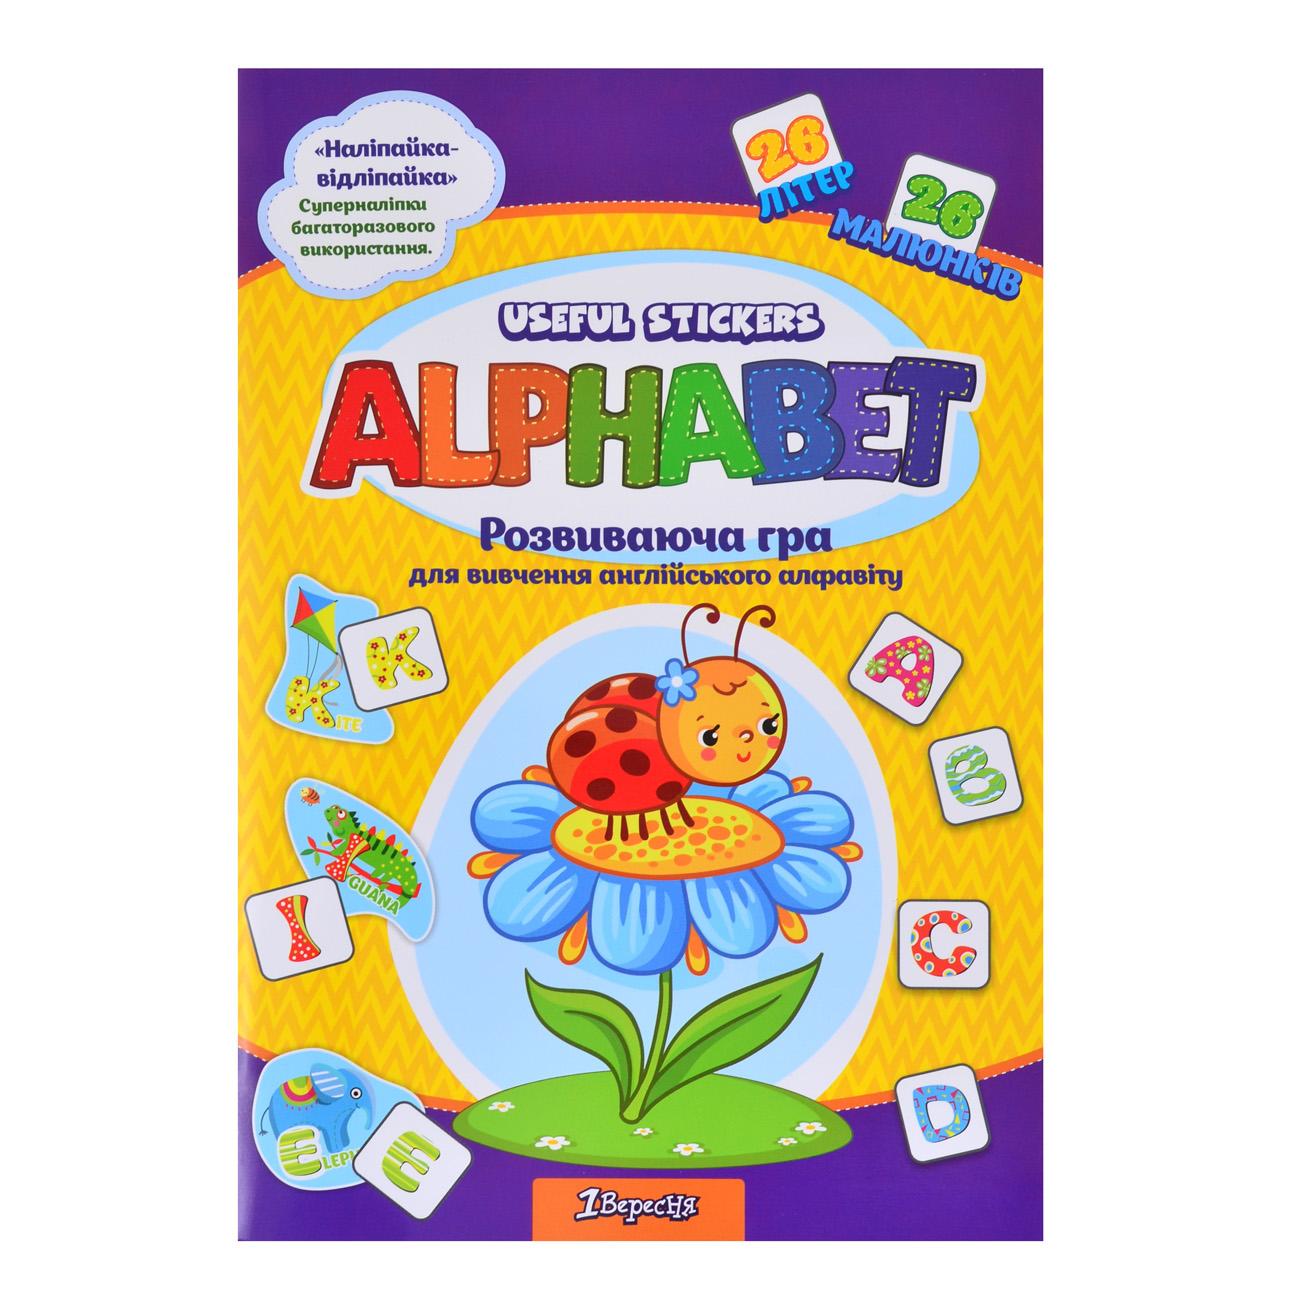 Набор для изучения английского алфавита с наклейками